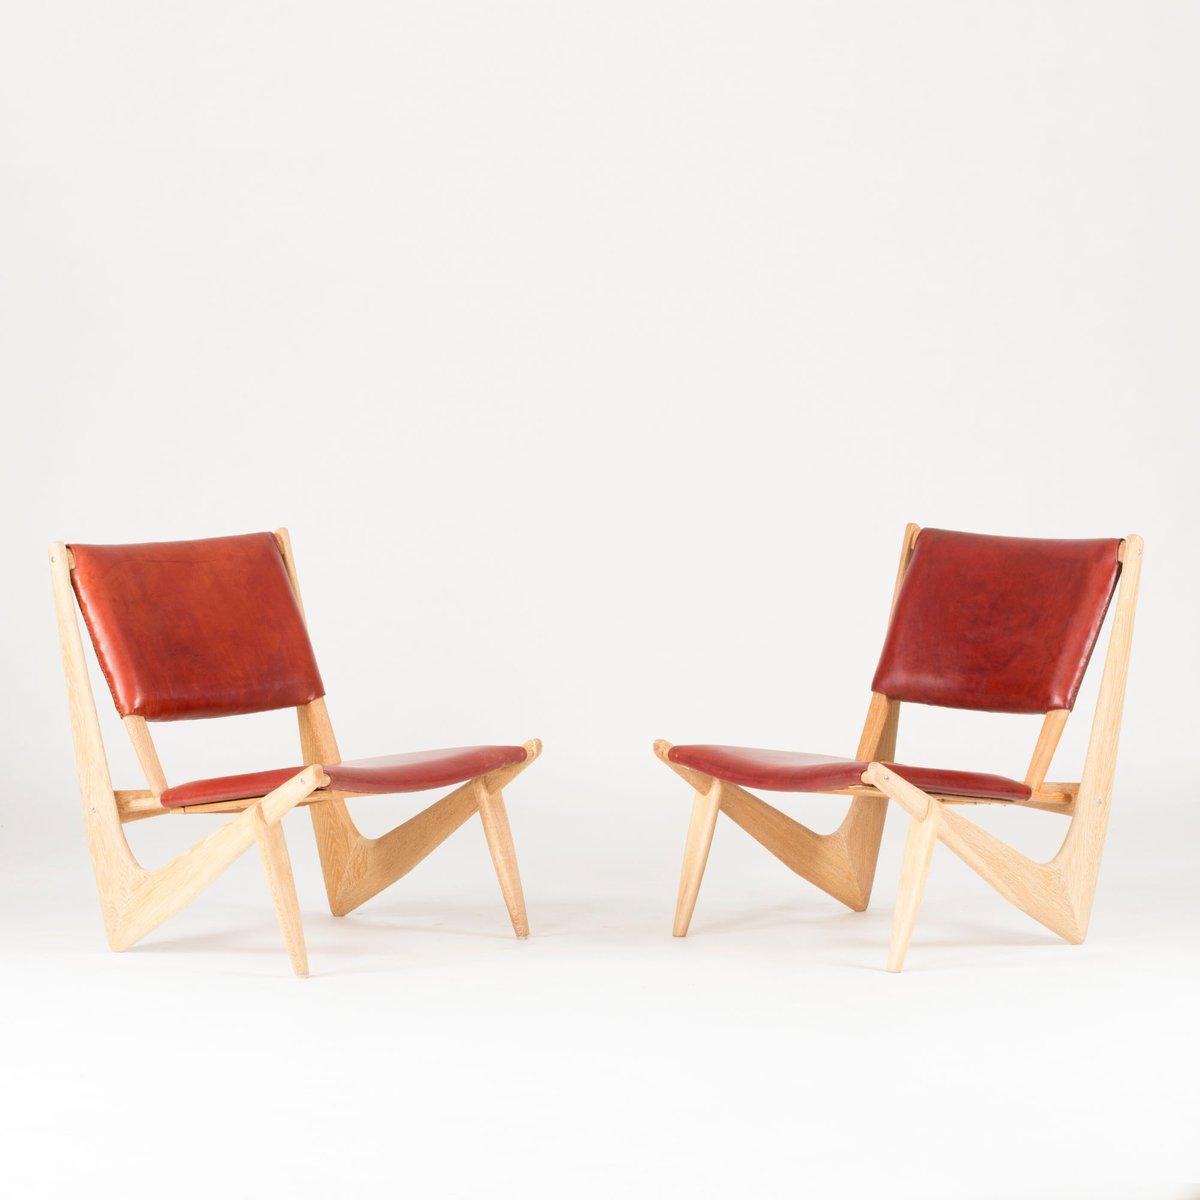 Presens Lounge Stühle von Bertil W. Behrman für AB Engens Fabriker, 19...